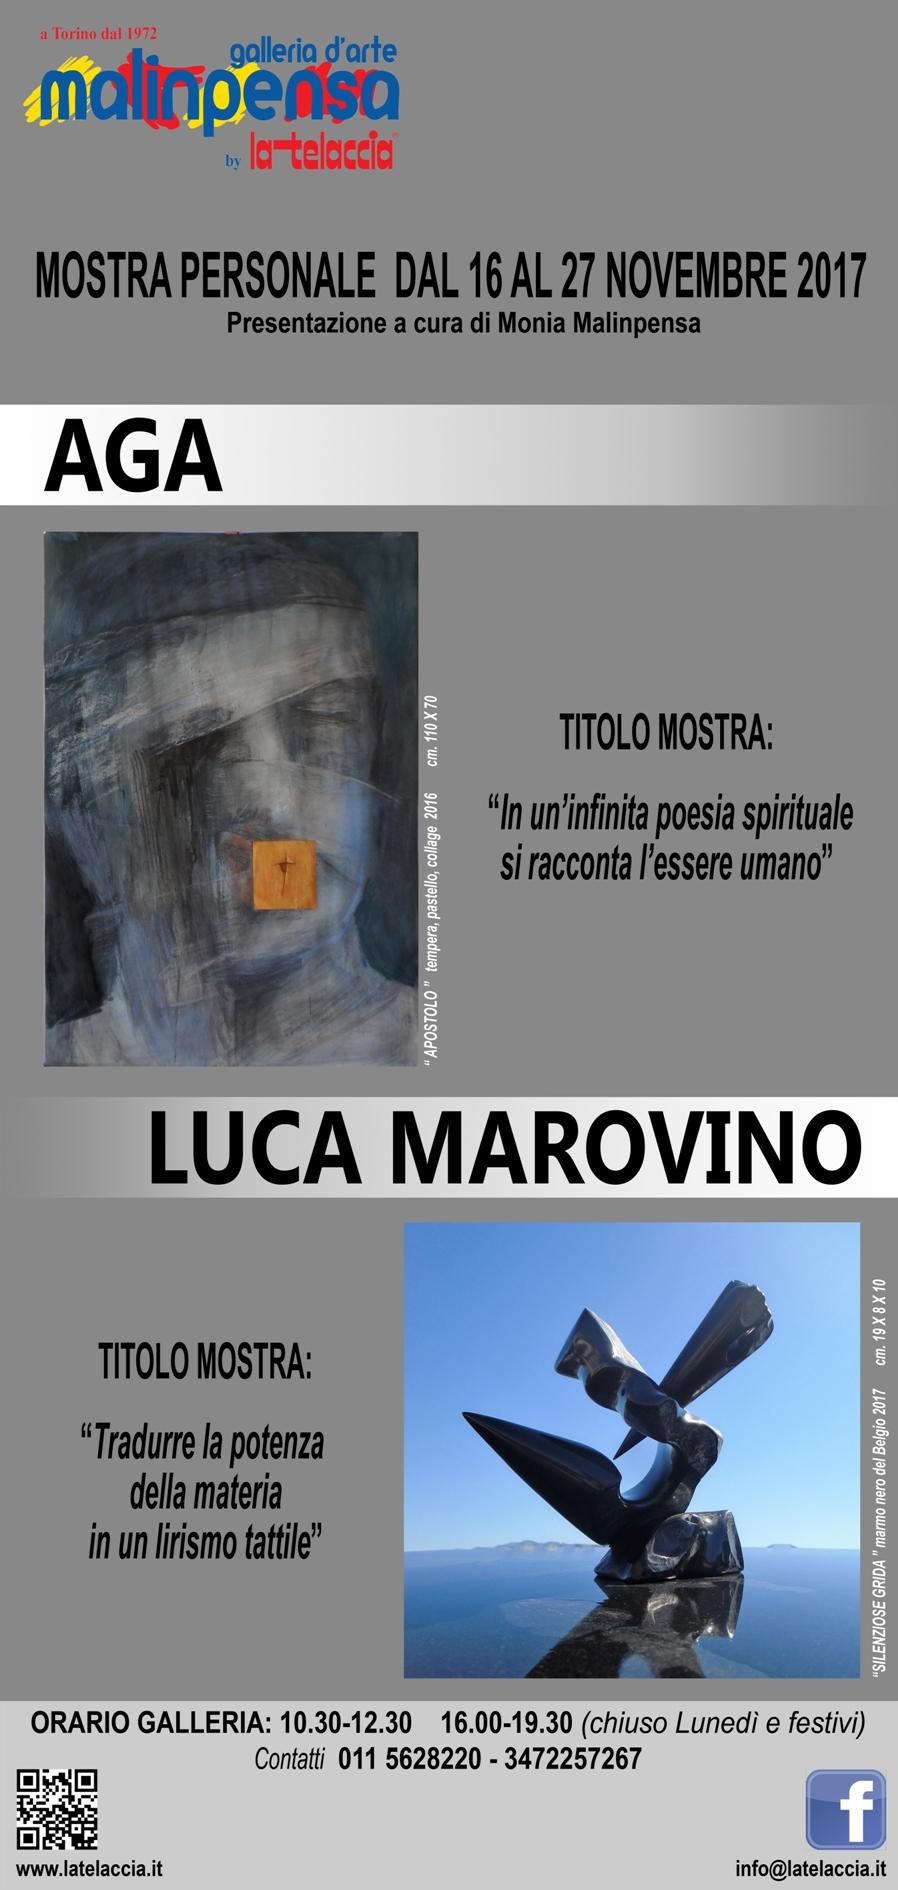 AGA_MAROVINO_2.JPG